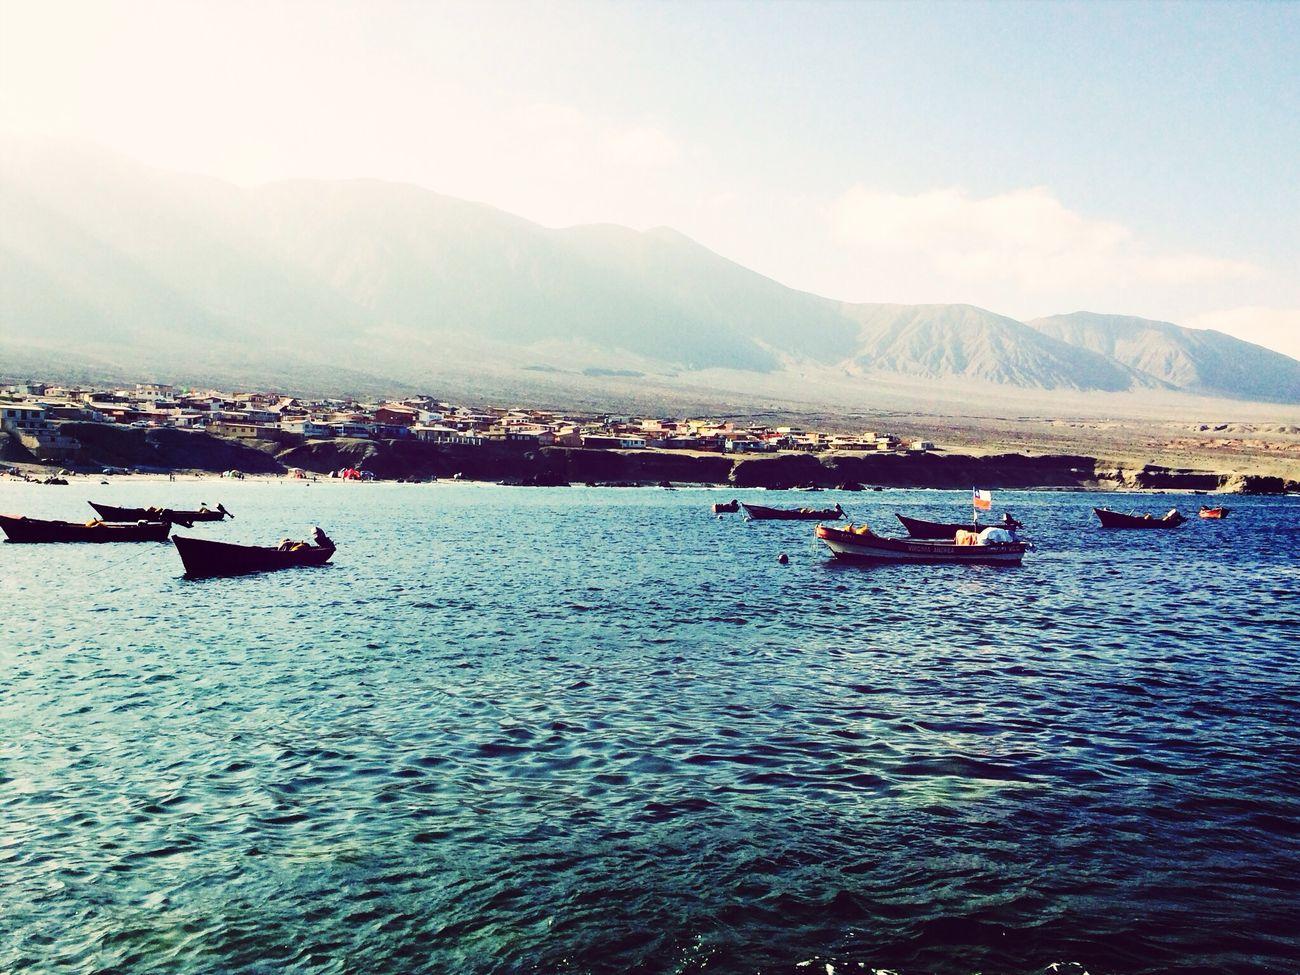 Disfrutan la orilla y luego se van... Sea Old Natural Nostalgia